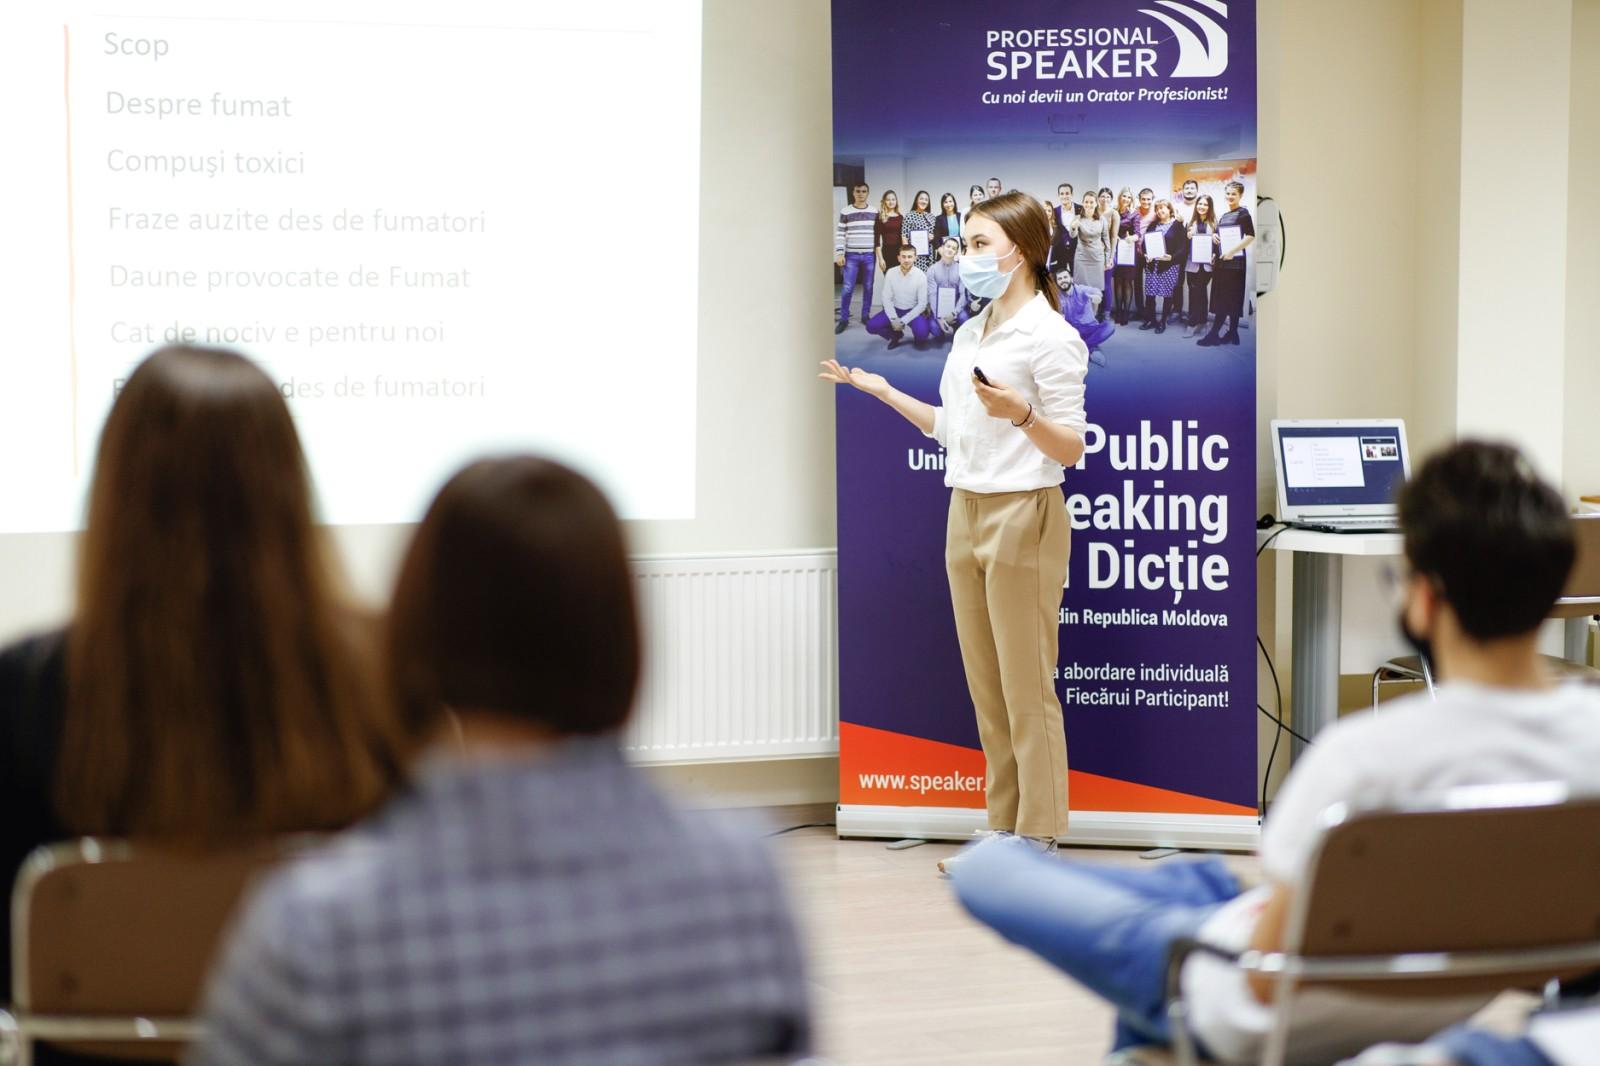 Cursul de Public Speaking